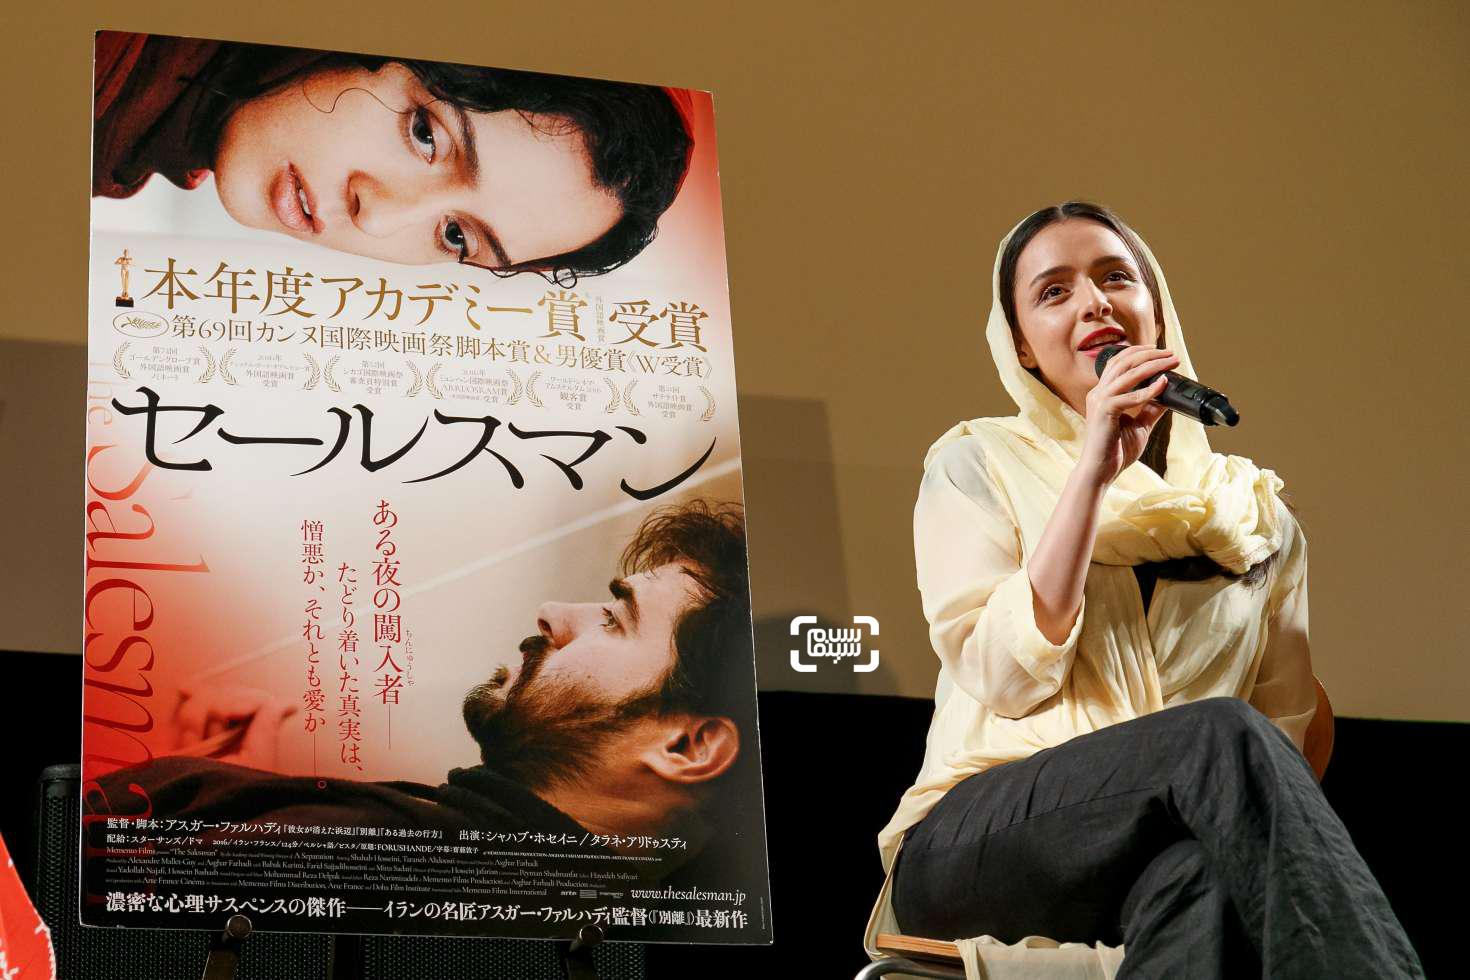 ترانه علیدوستی در نشست فیلم فرونشده در توکیو ژاپن